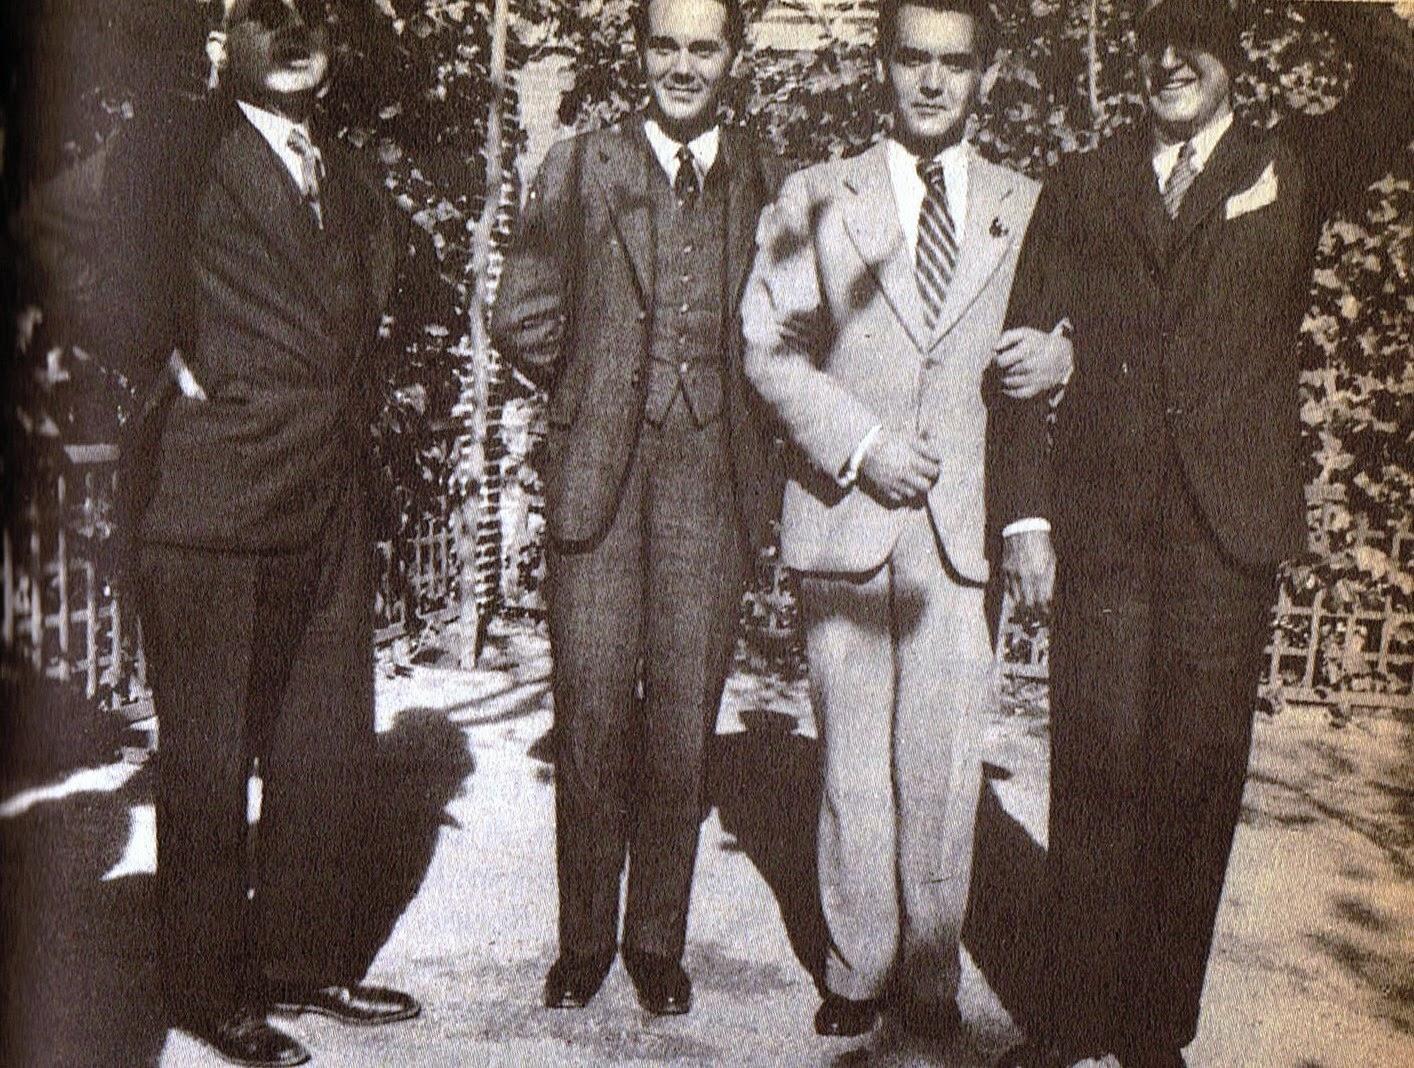 Lorca en Madrid en 1931 junto a otros escritores  del 27